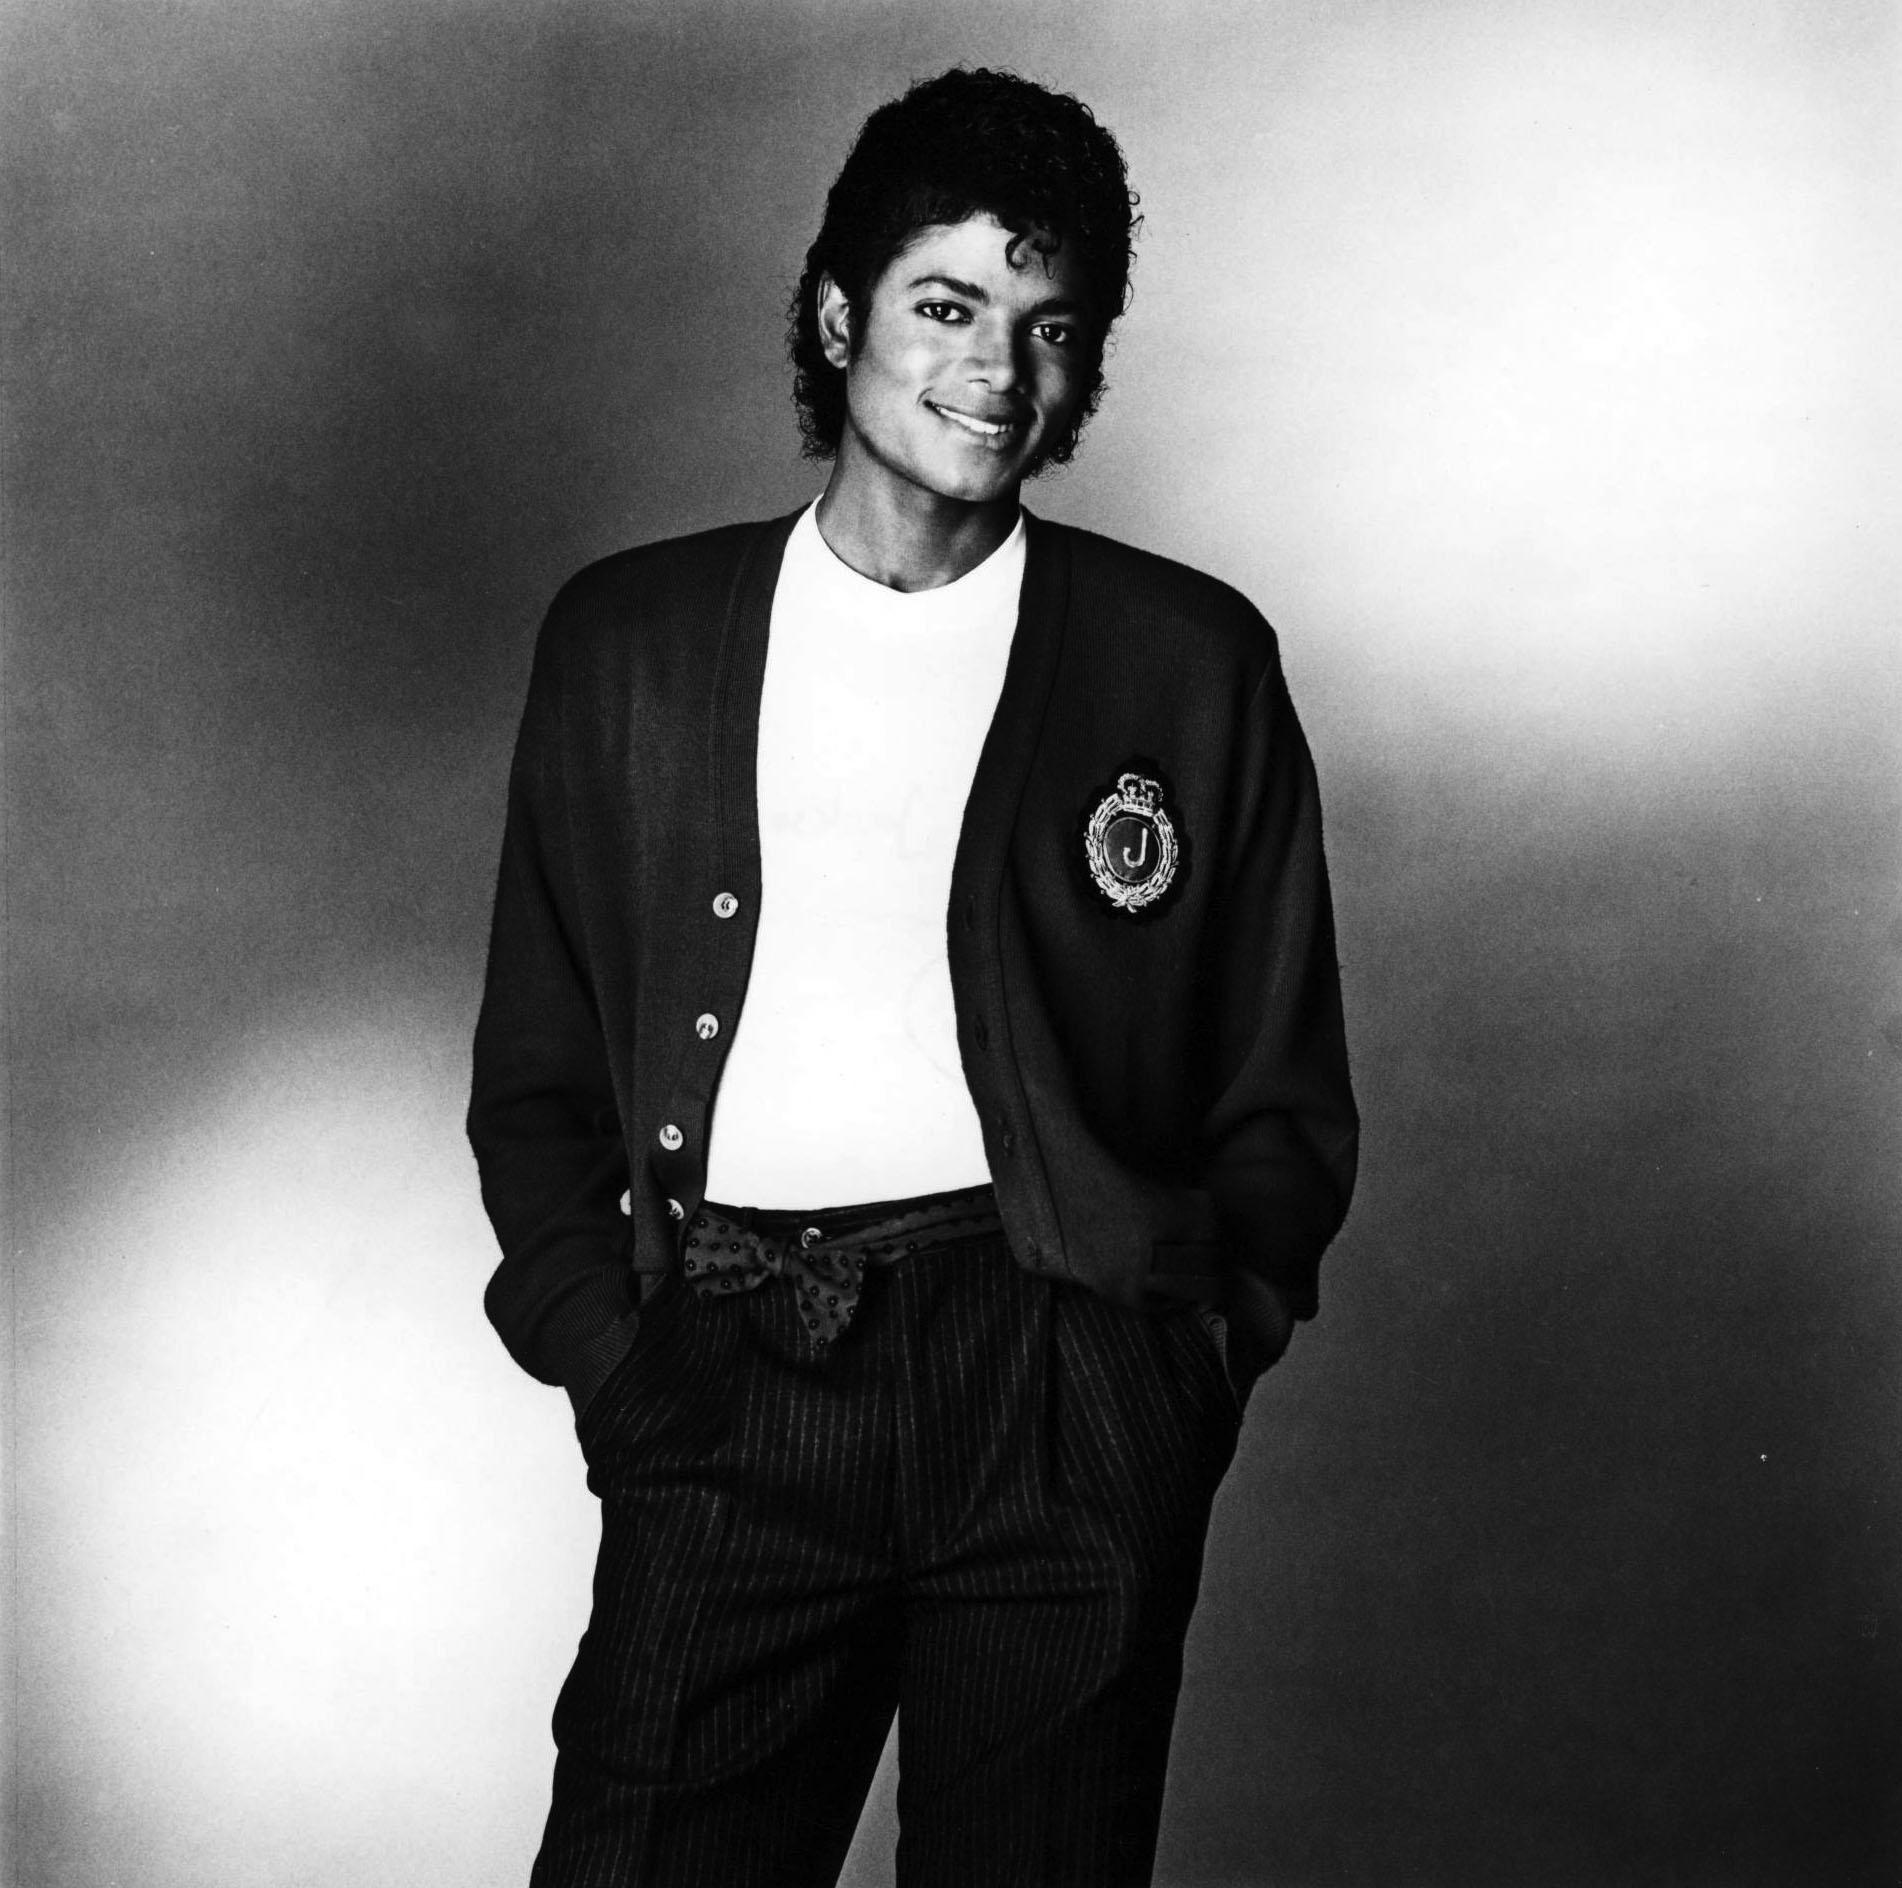 MJ datovania šírvánšáhov vysoké dievča datovania krátky muž